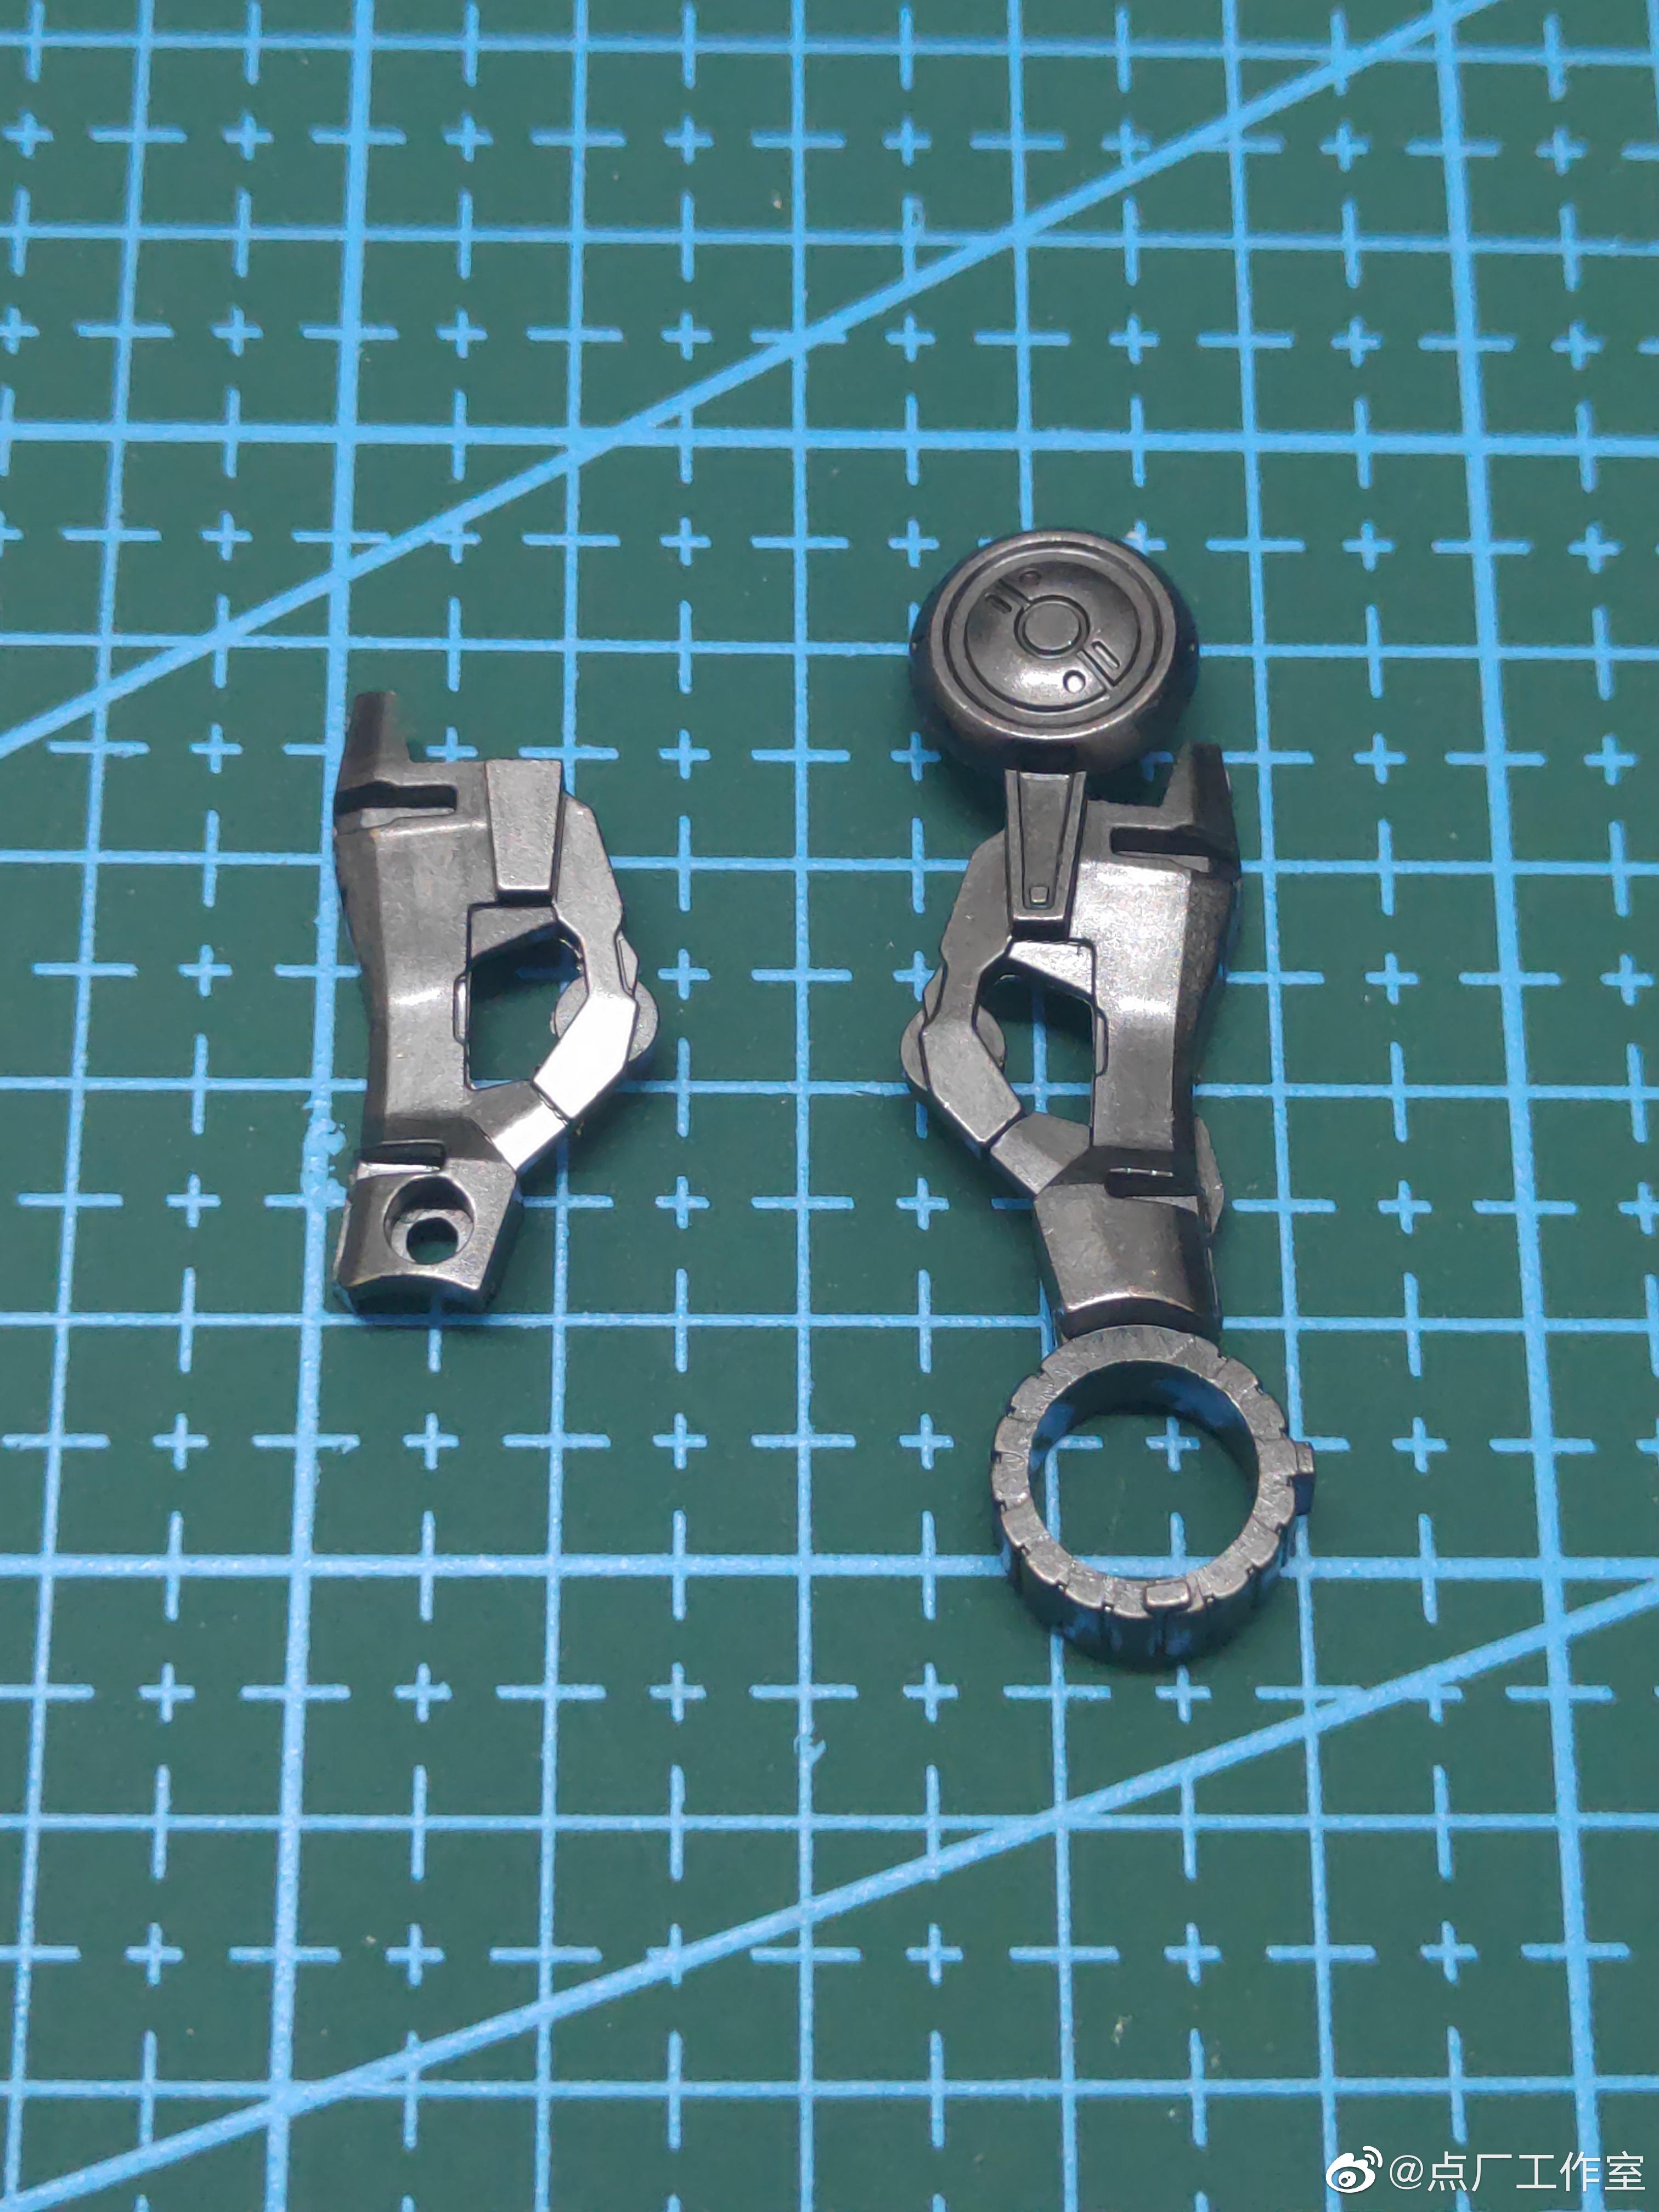 M103_mg_barbatos_metal_frame_parts_set_015.jpg